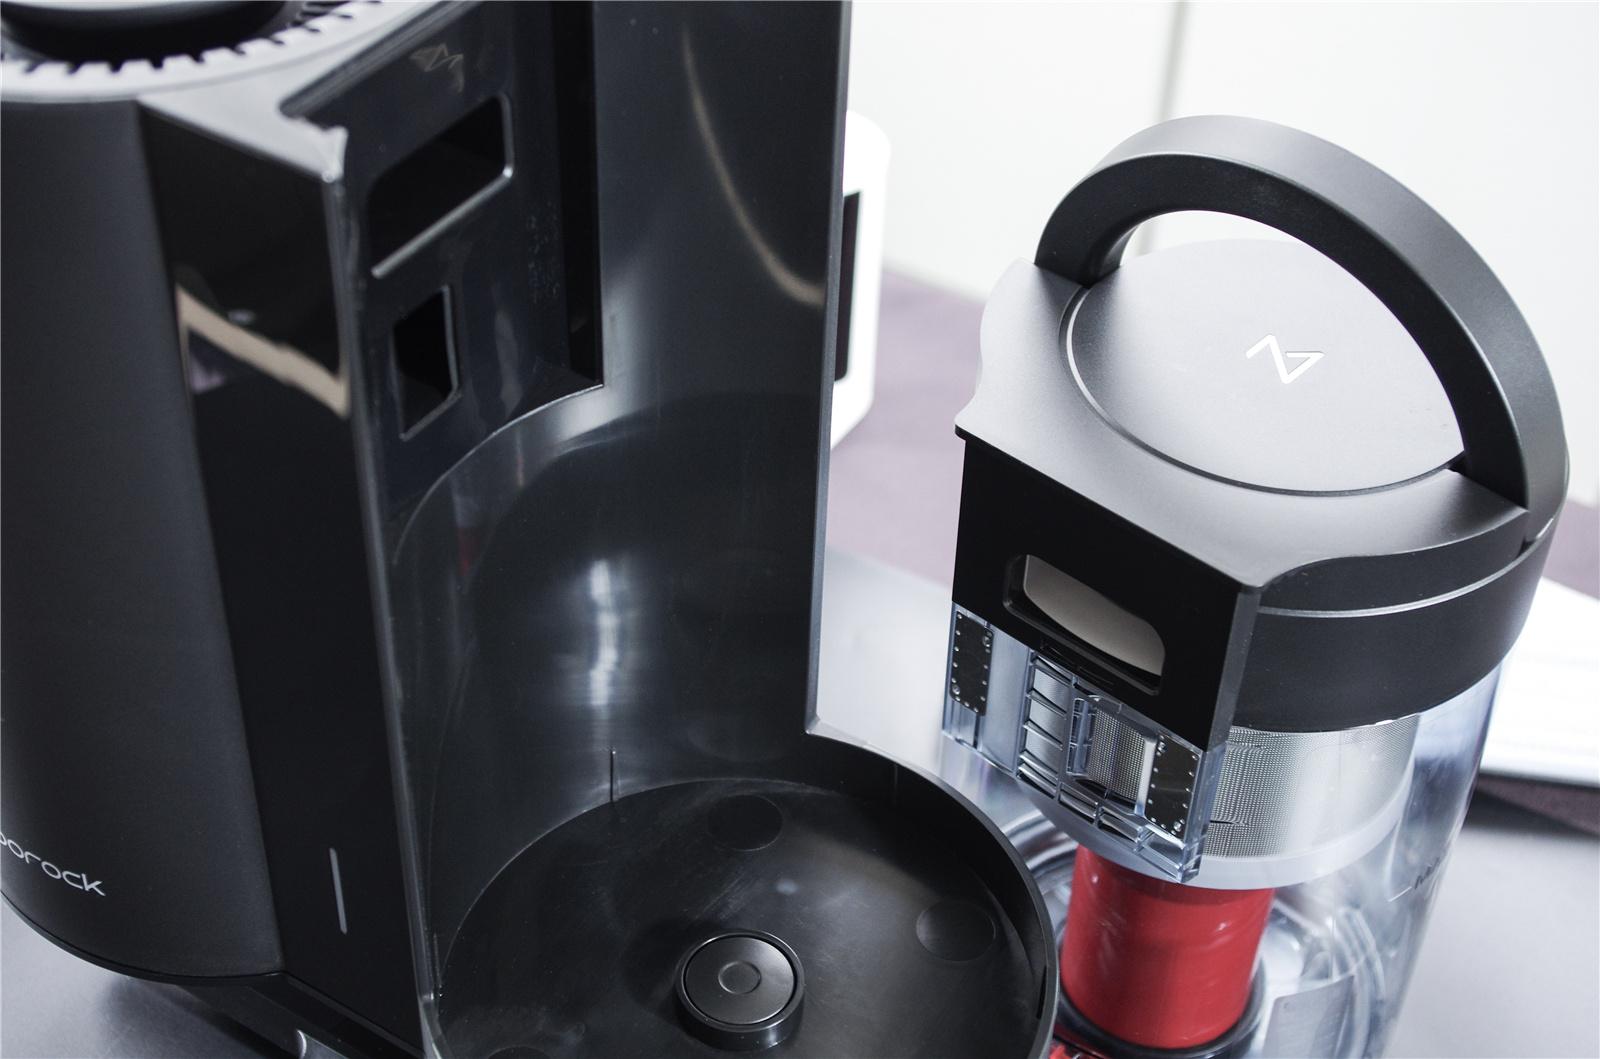 石头扫拖机器人T7S Plus评测:升降擦地 清洁力Max